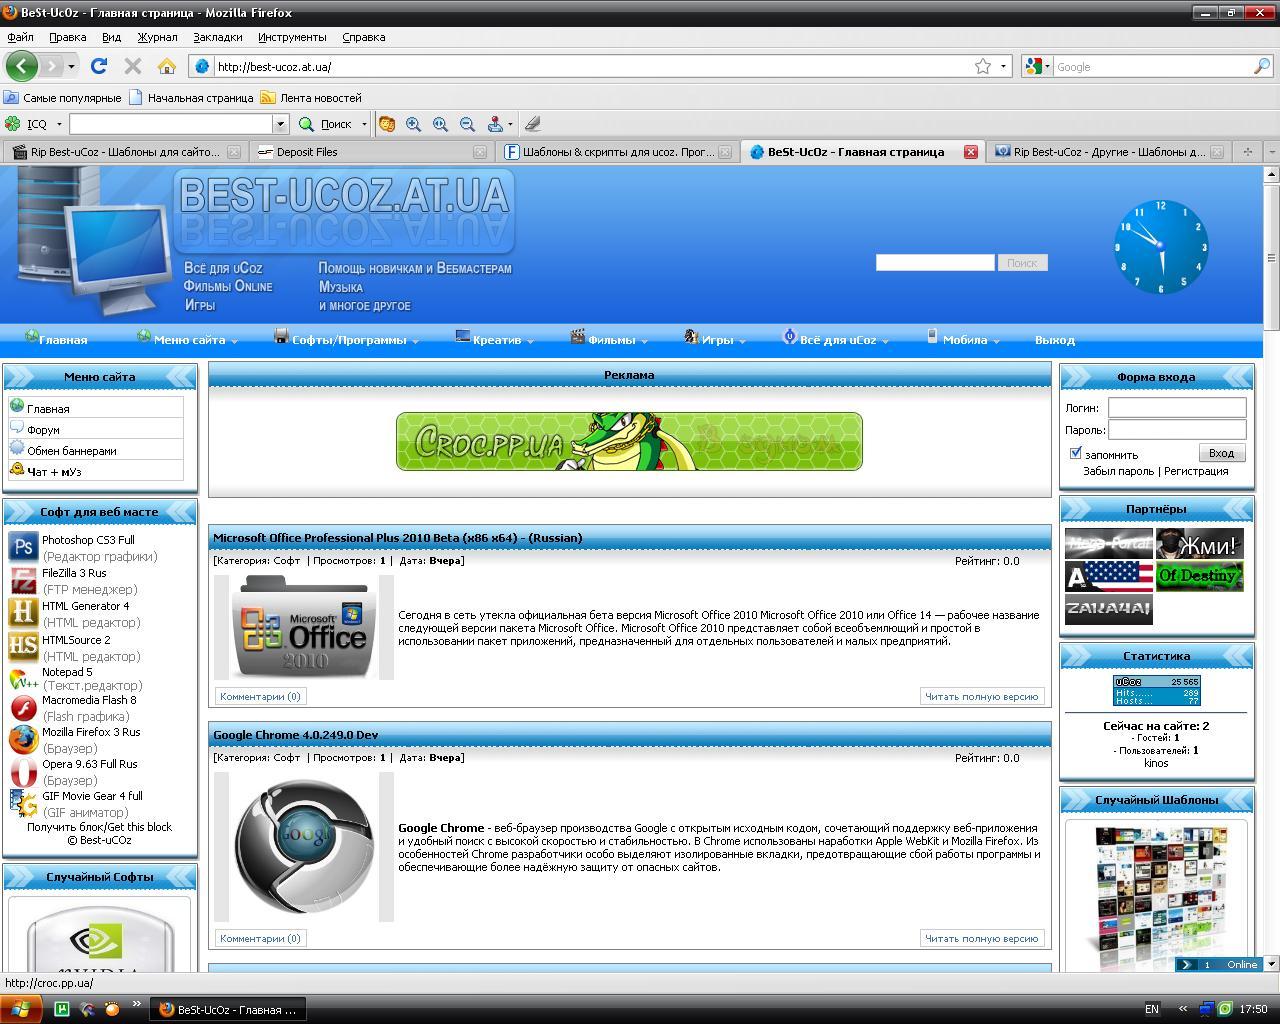 World soft warez портал приднестровья - программы, игры, фильмы, музыка, cs, читы, и многое другое